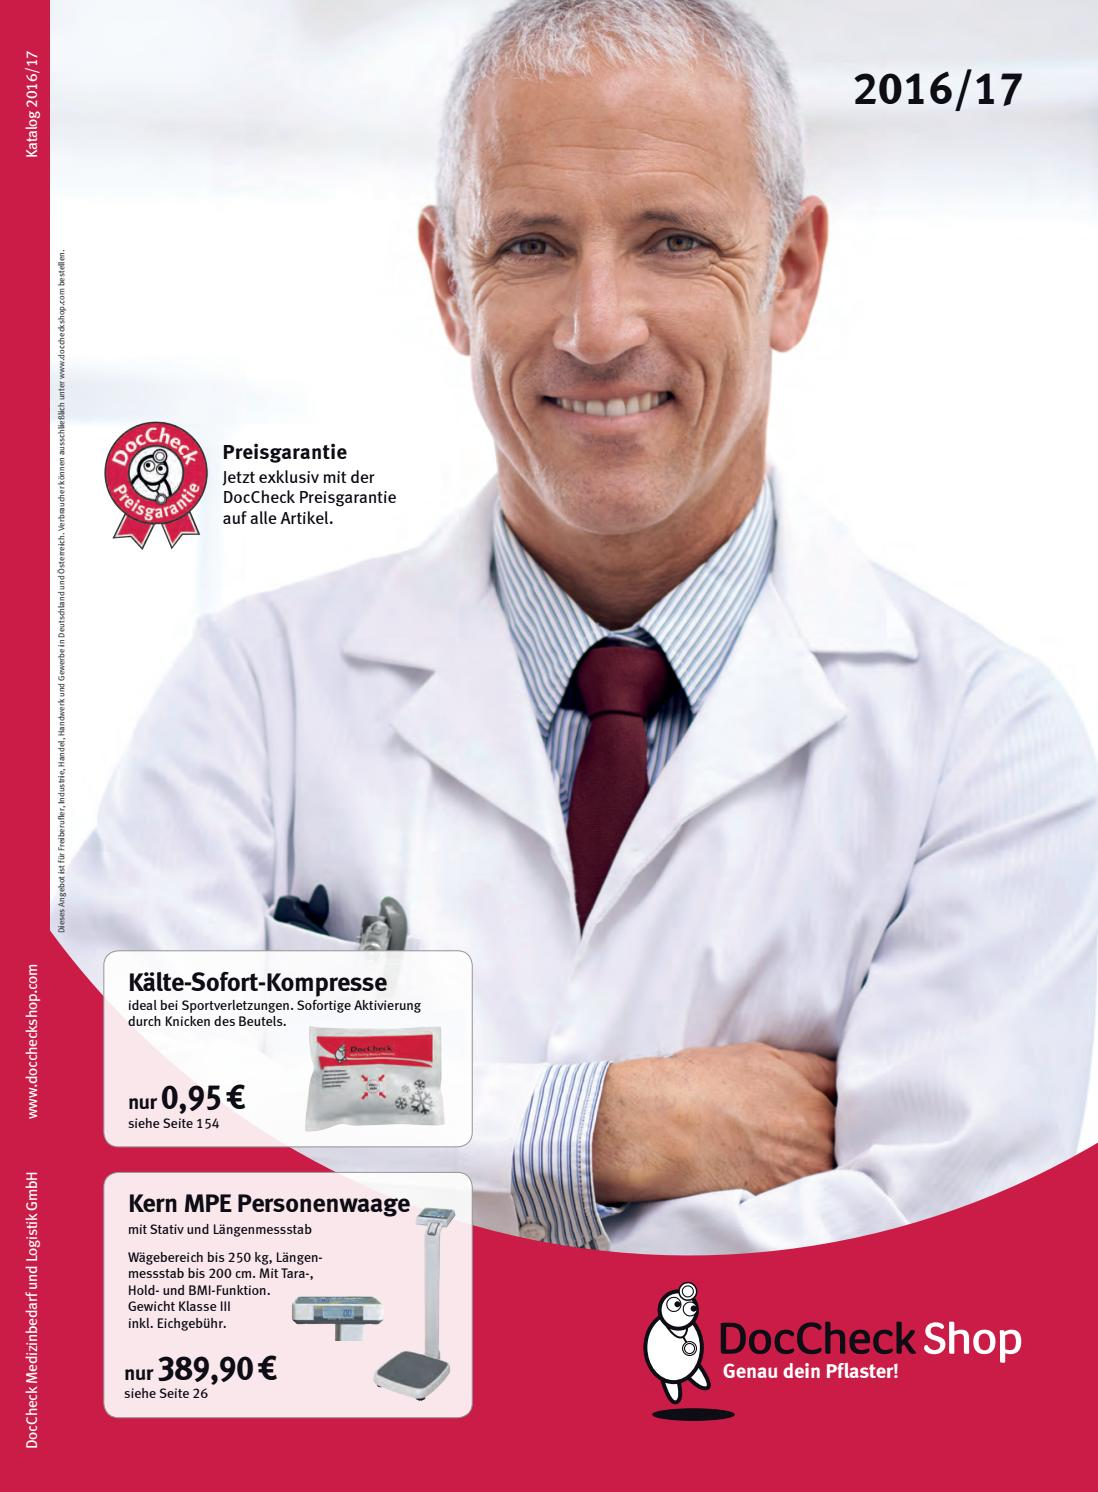 DocCheck Katalog 2016/2017 by DocCheckShop - issuu